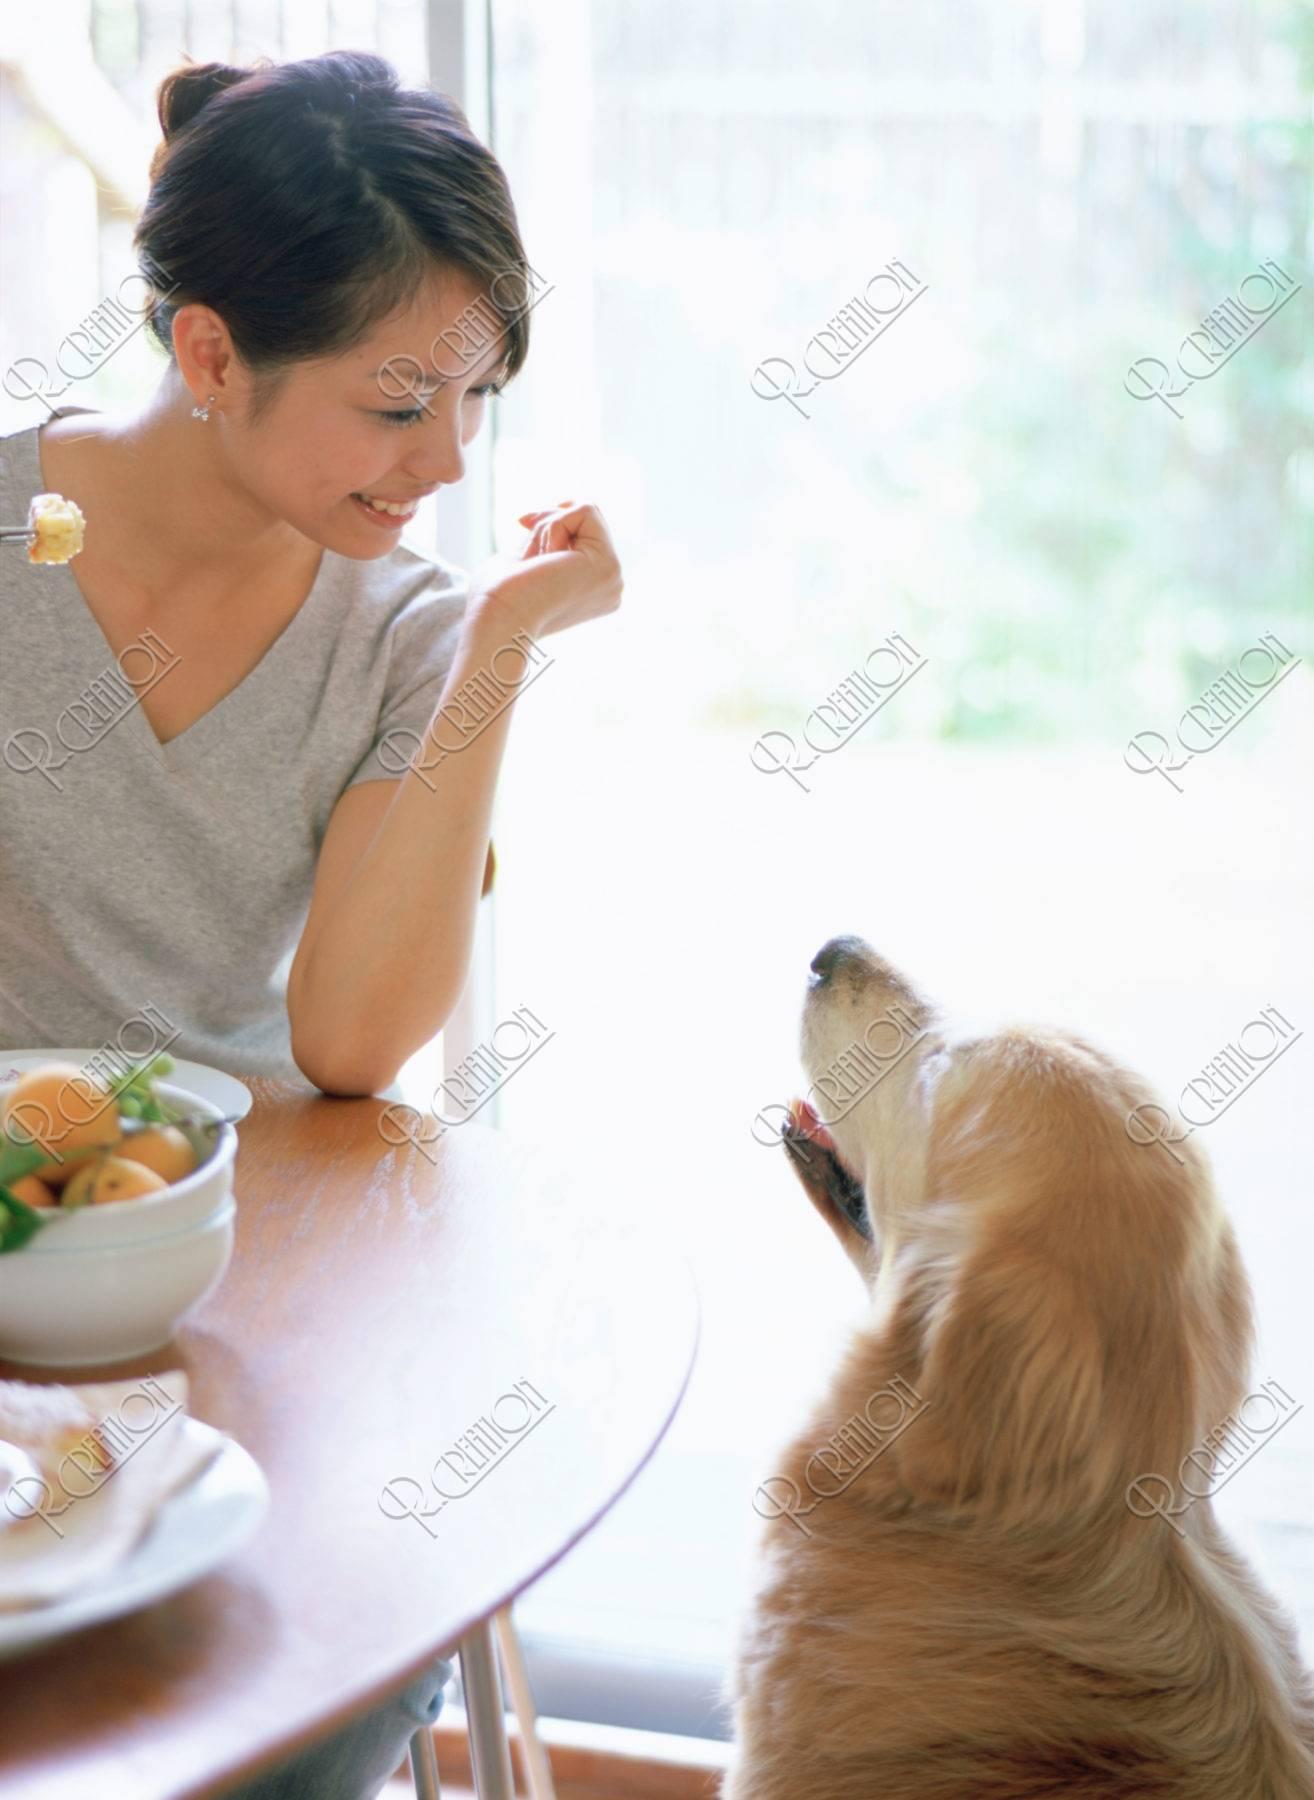 ティタイムの女性と犬